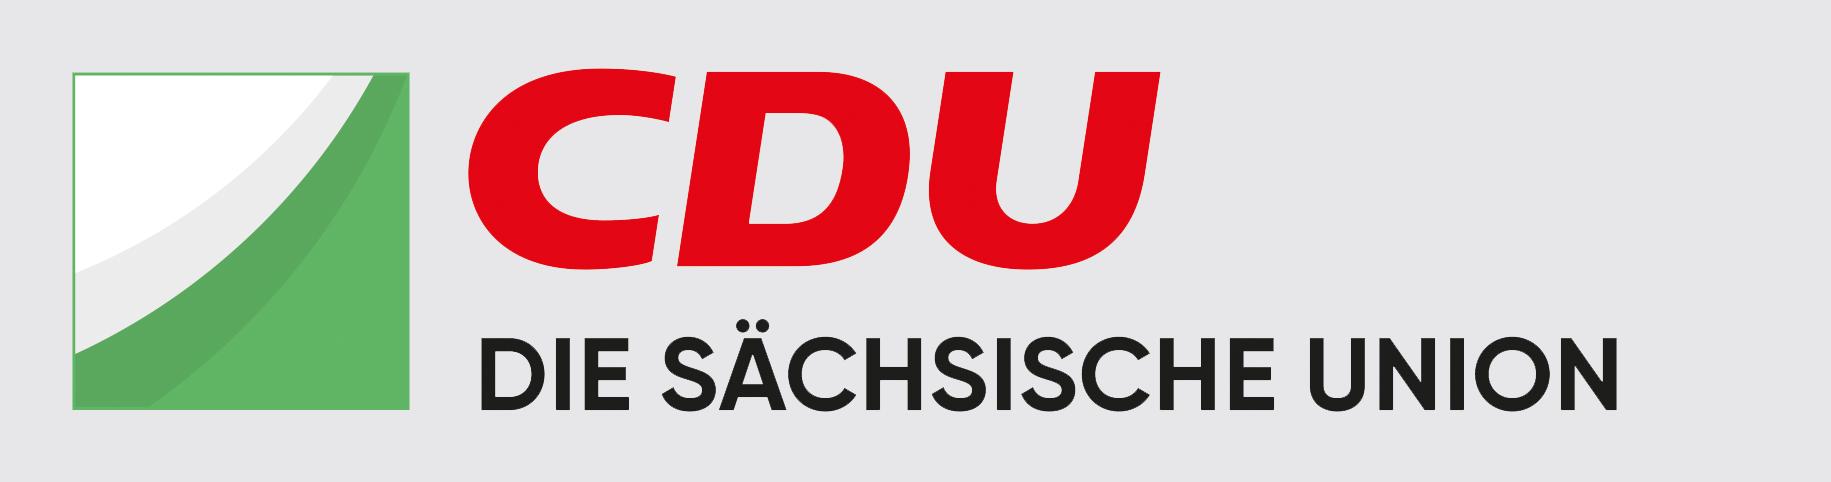 CDU - Bautzen - Sachsen - Ihr Kreistagskandidat im Wahlkreis 5. Bautzen